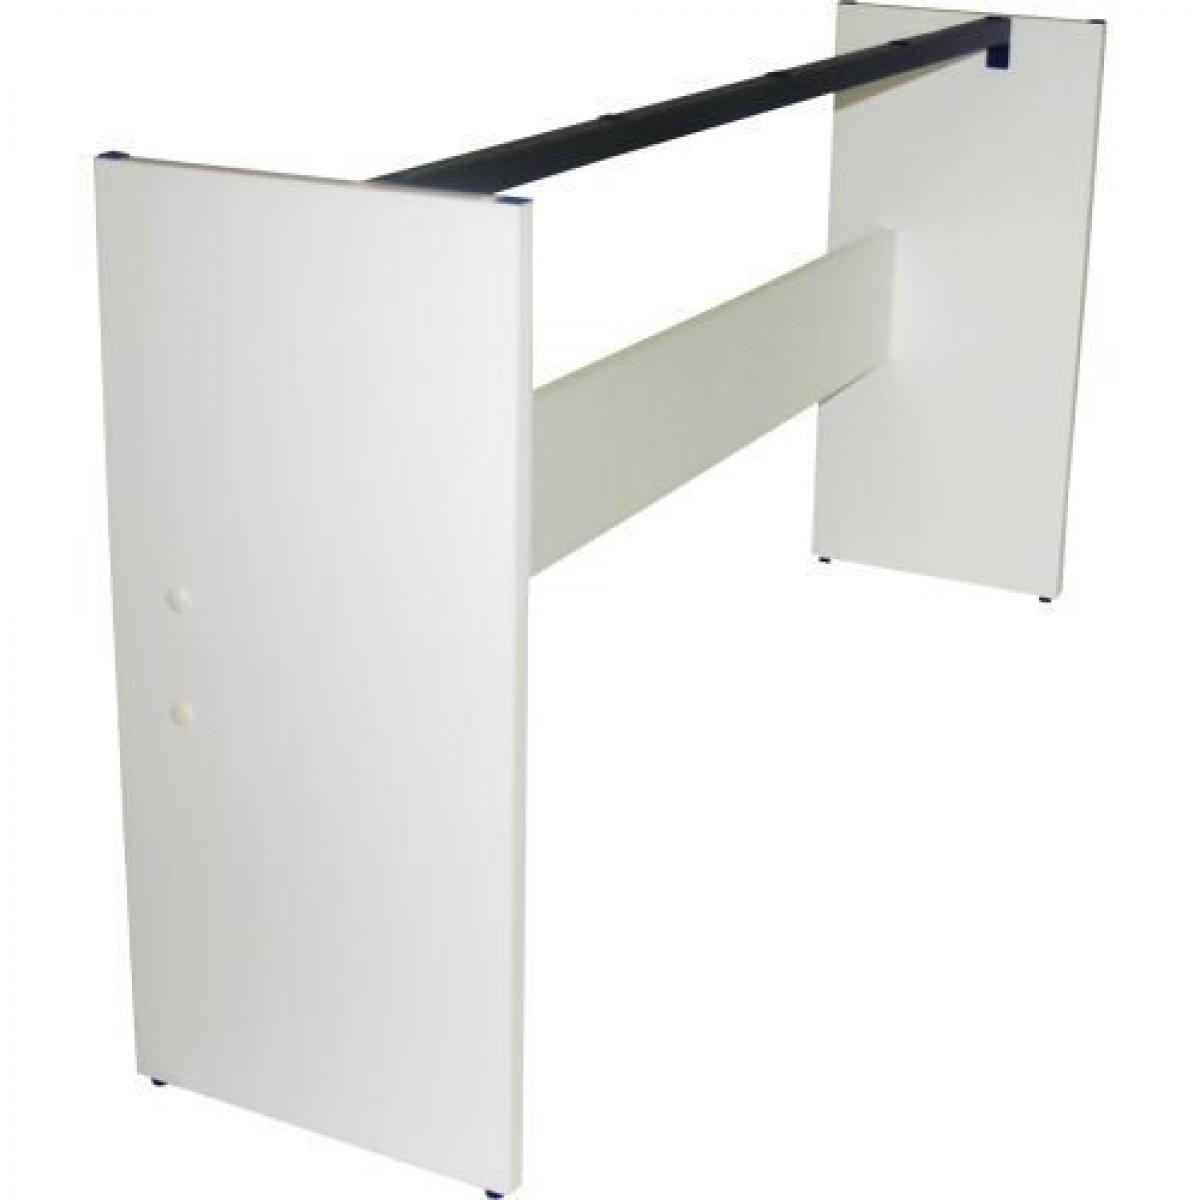 korg sp 170 buy keyboard stand best price. Black Bedroom Furniture Sets. Home Design Ideas